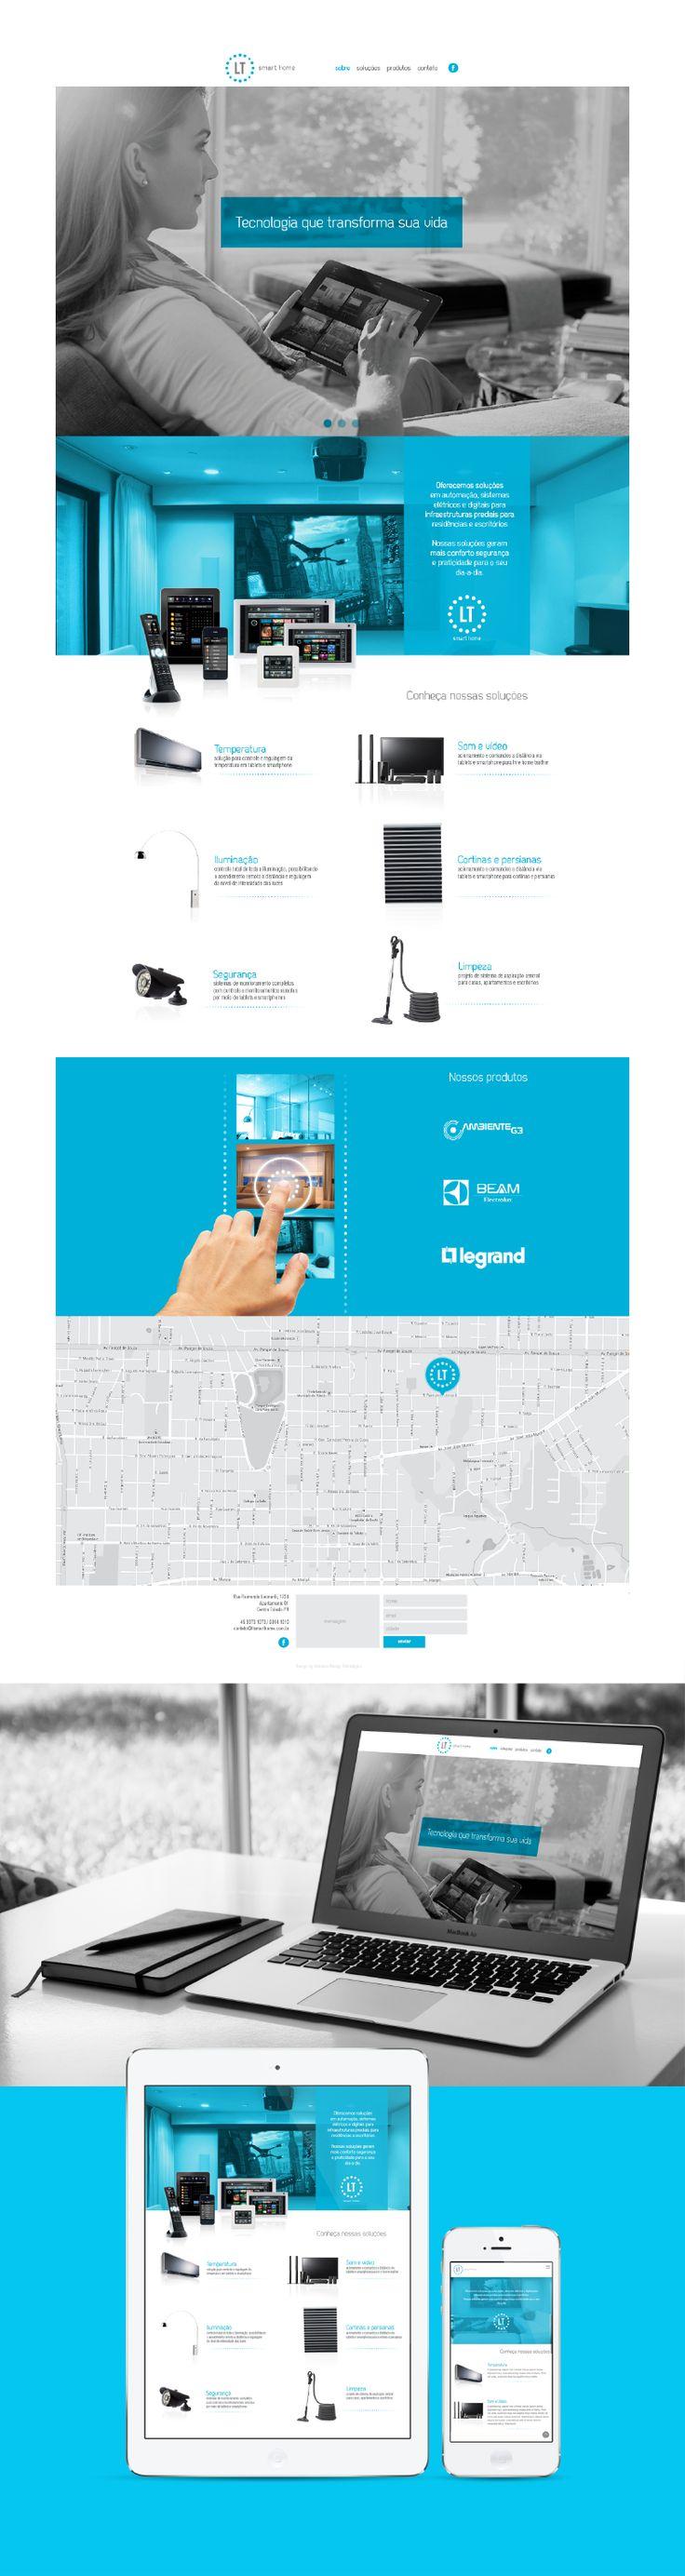 LT Smart Home web design by Kadabra Design Estratégico // kadabra10.com // ltsmarthome.com.br